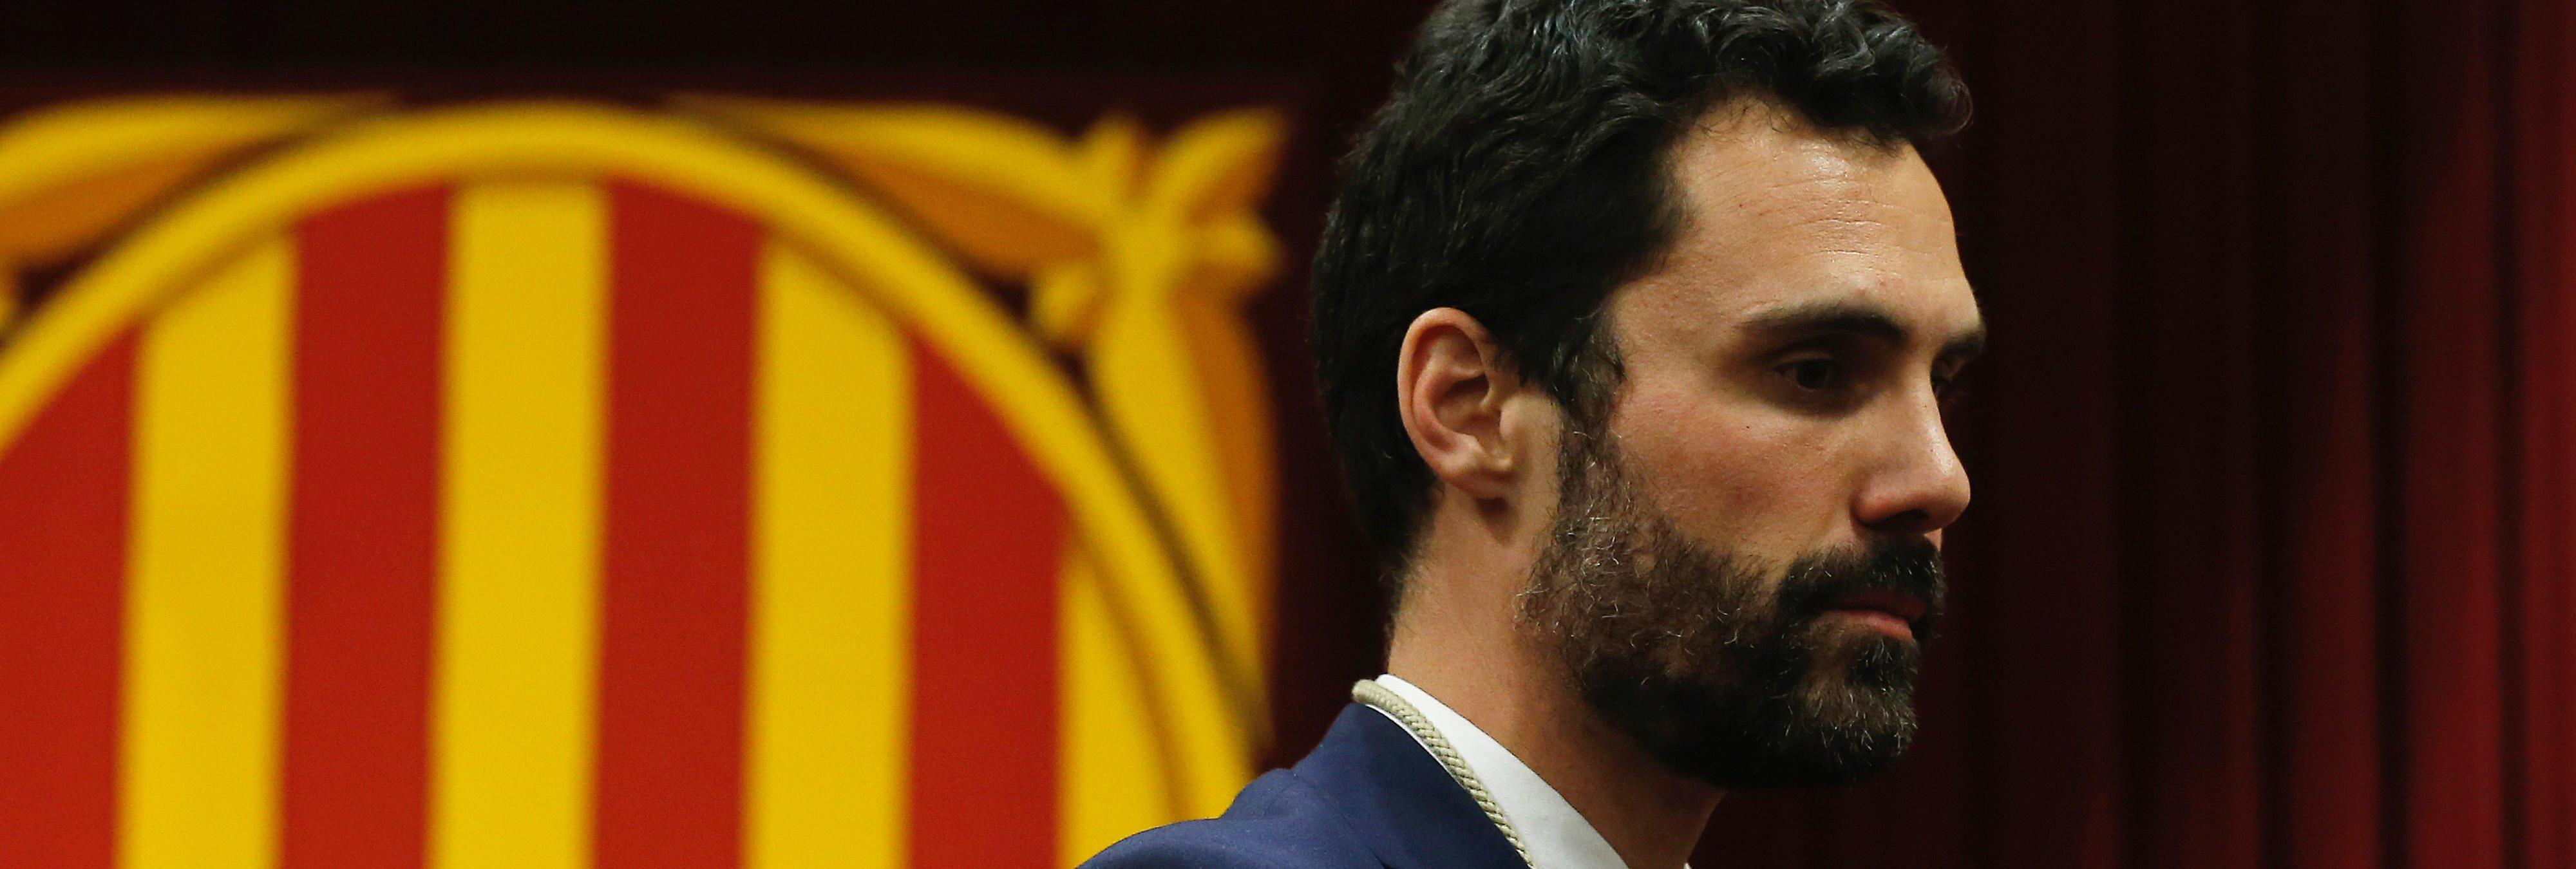 Torrent propone a Puigdemont como candidato a presidir la Generalitat